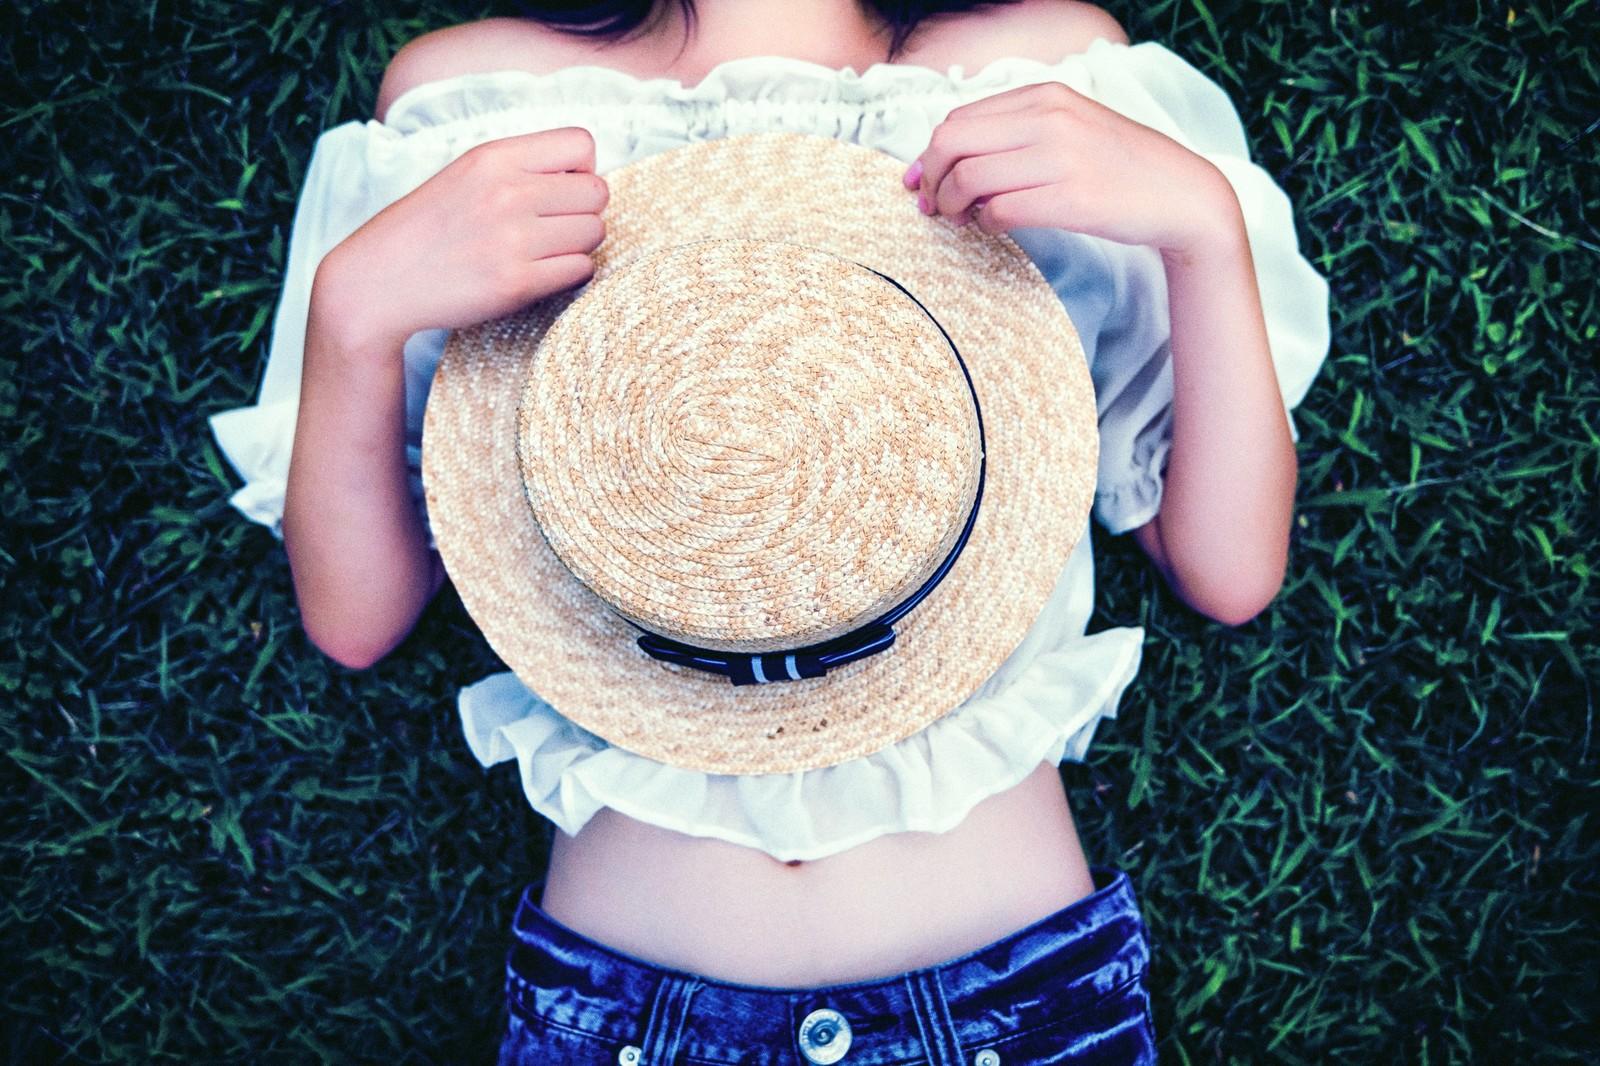 置き換えダイエットを決意したお腹を出した服を着ている帽子を持った女性の画像